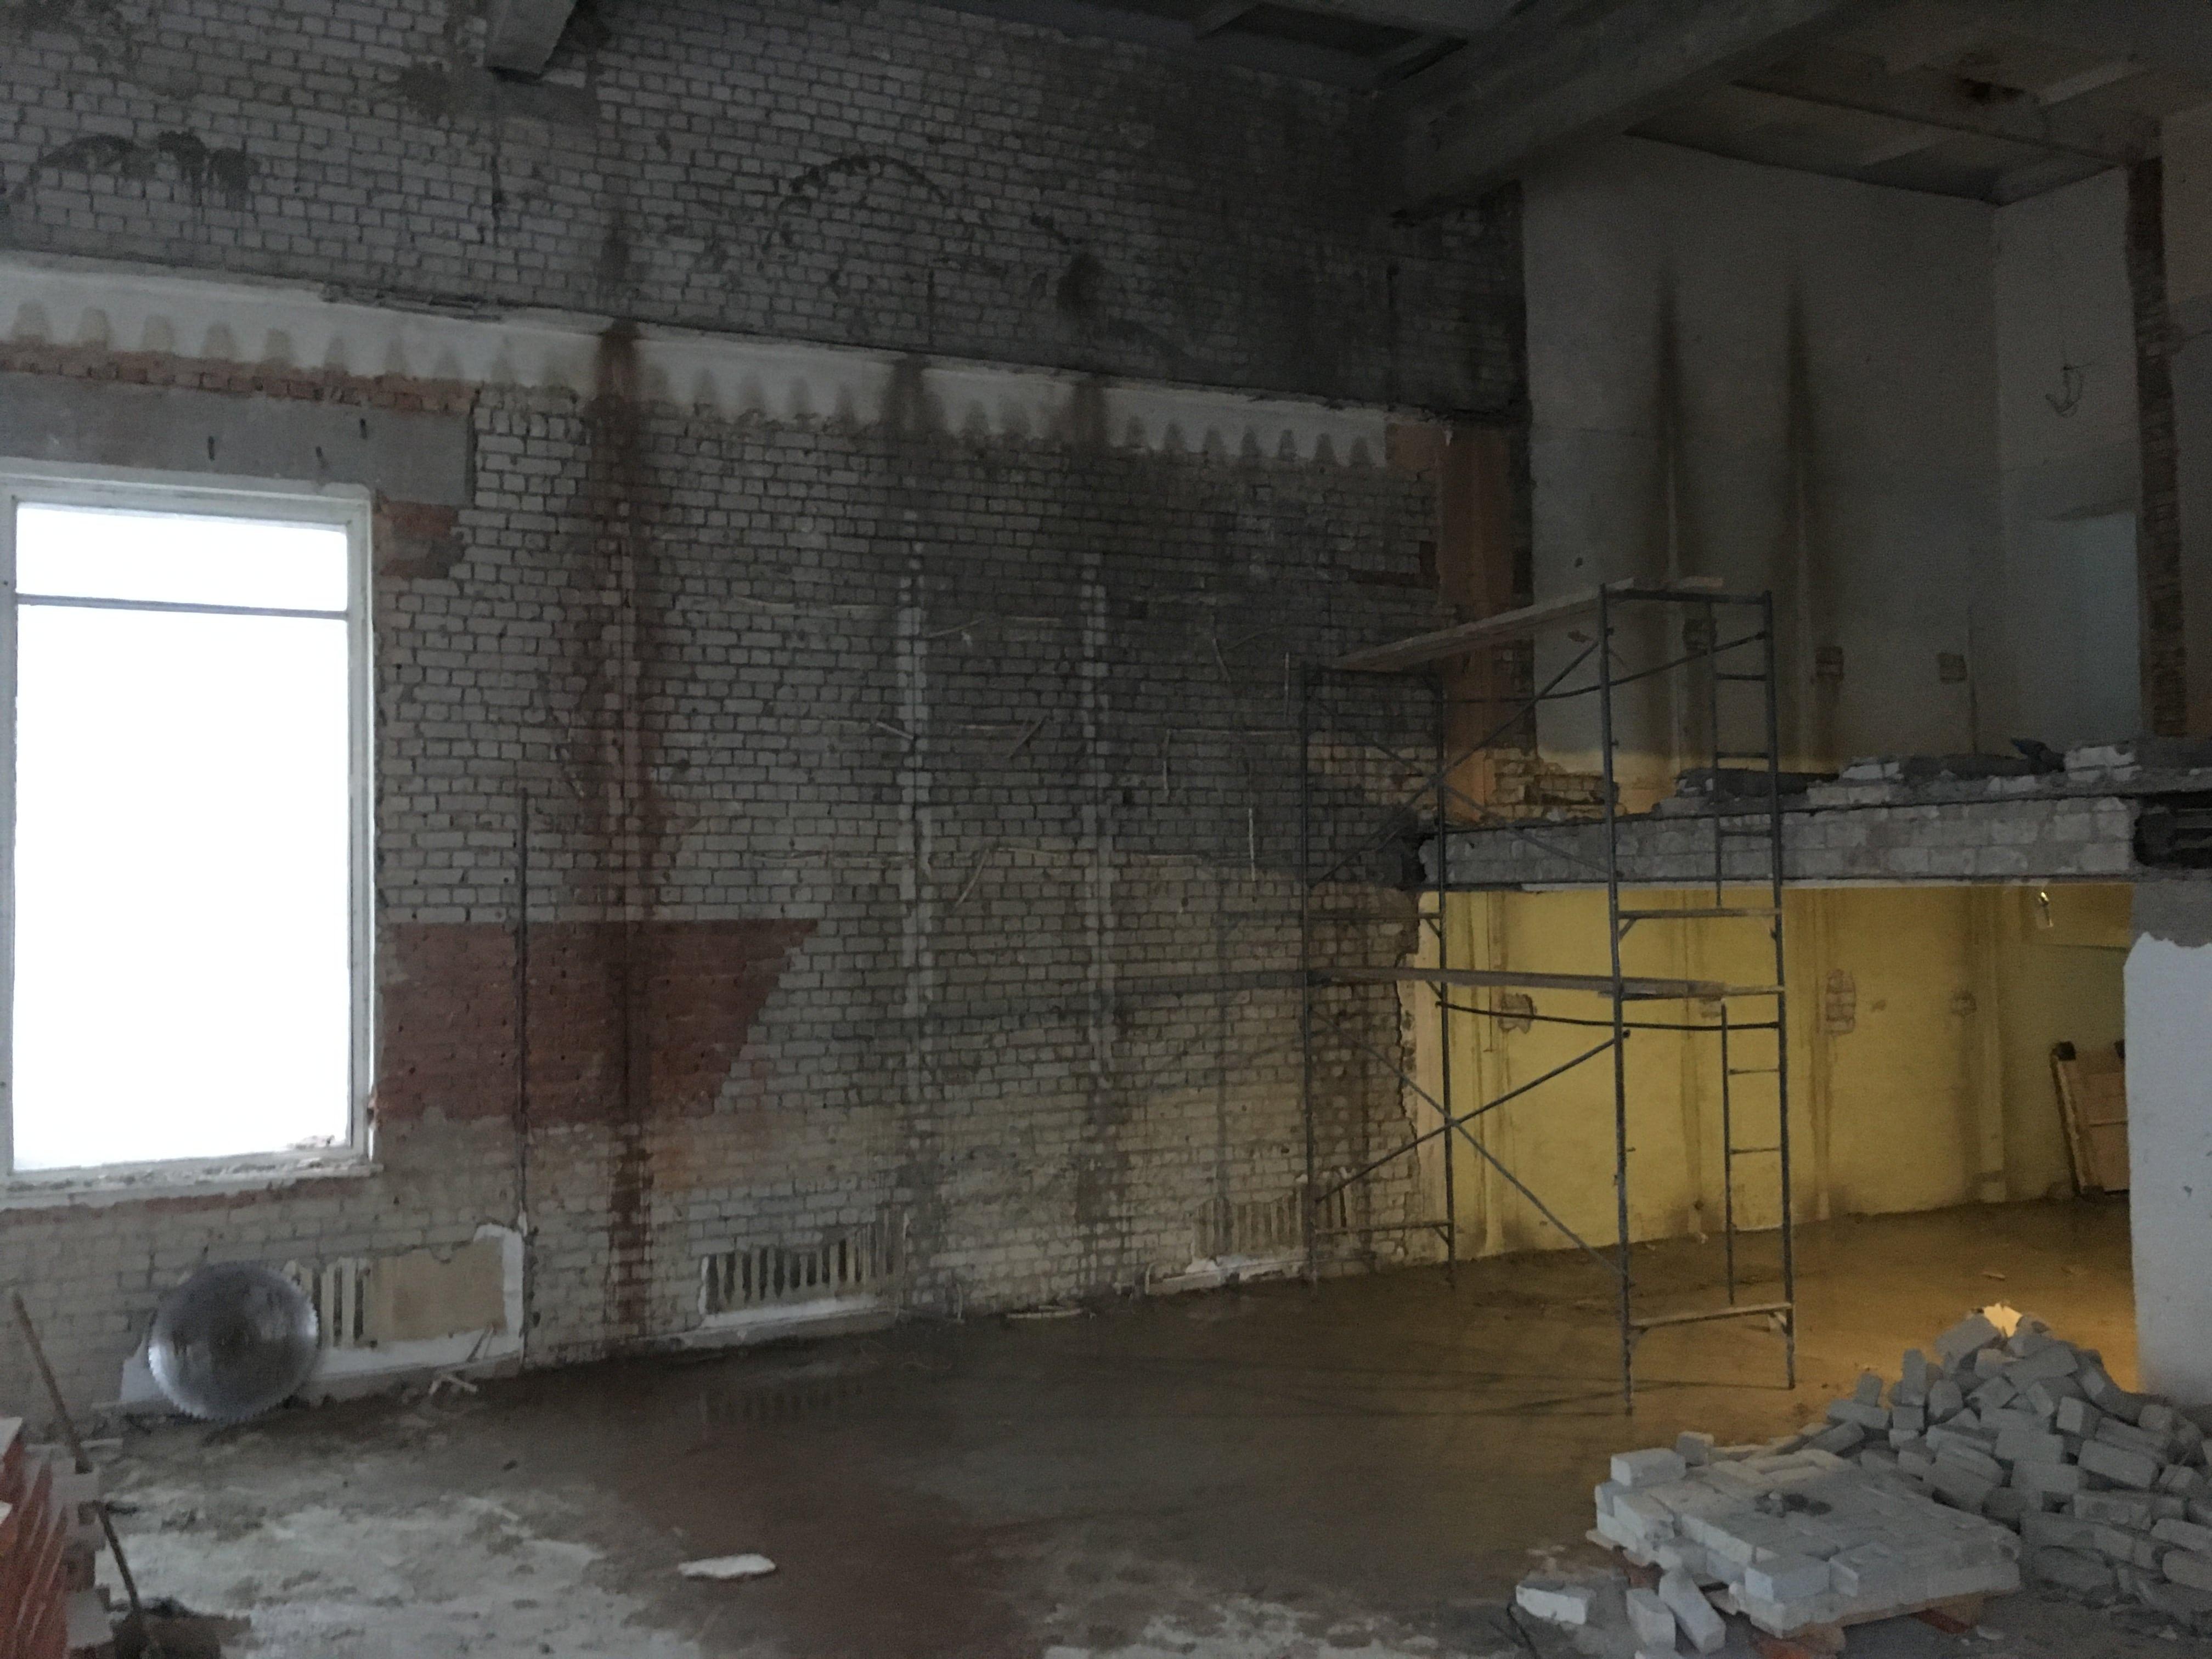 Будущие окна в спортзале в Йошкар-Оле. Алмазная резка